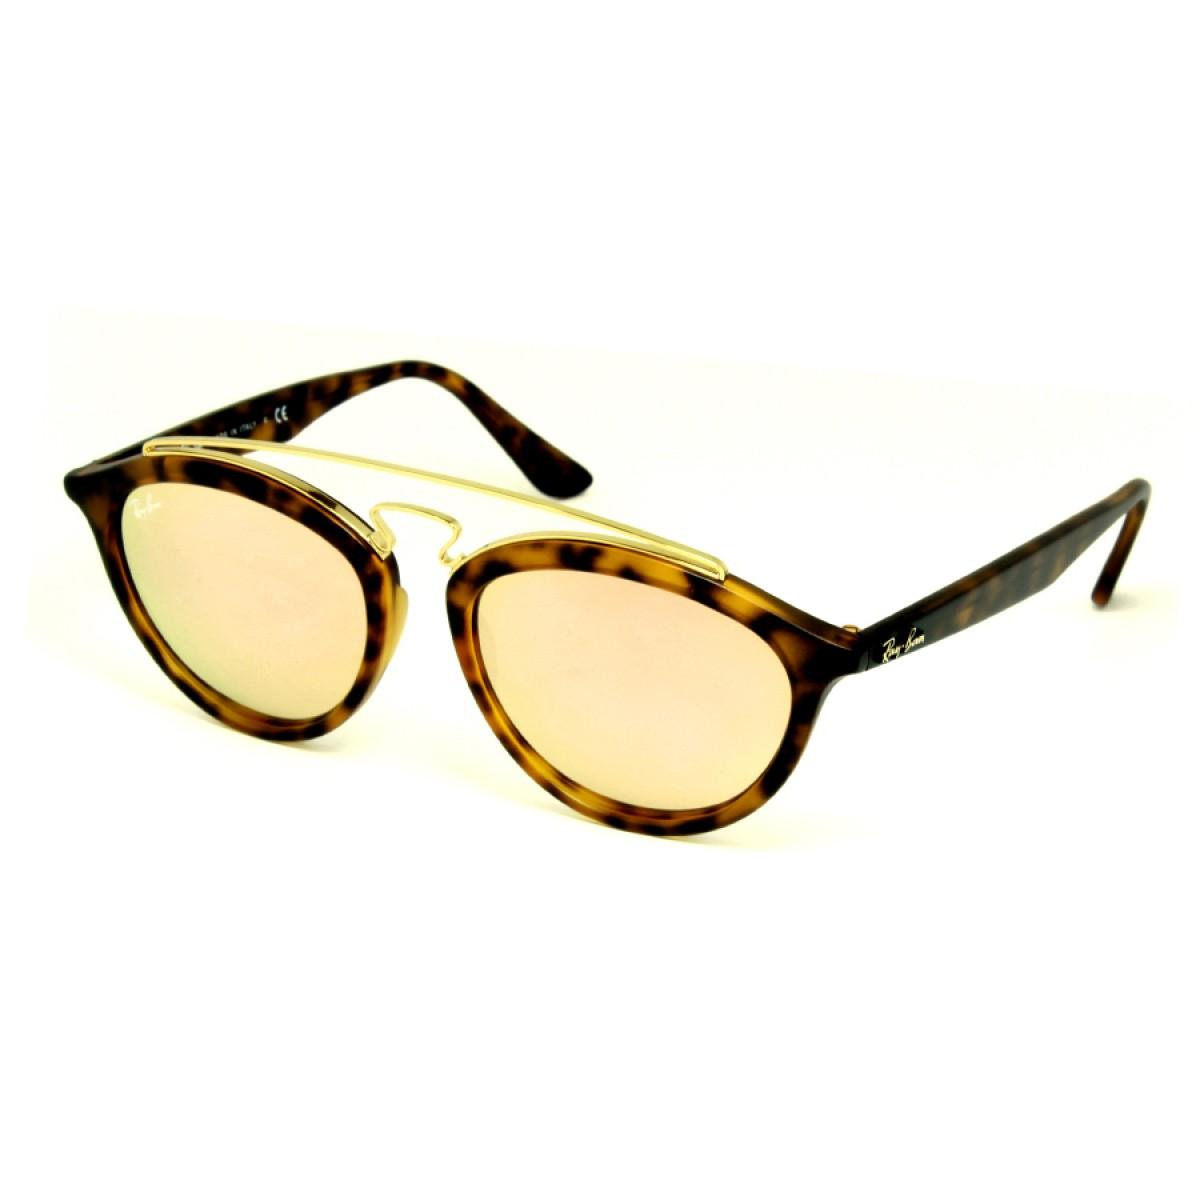 3fd1fc5d82 Ray Ban Gatsby II Copper Mirror Unisex Sunglasses RB4257-60922Y-50 ...